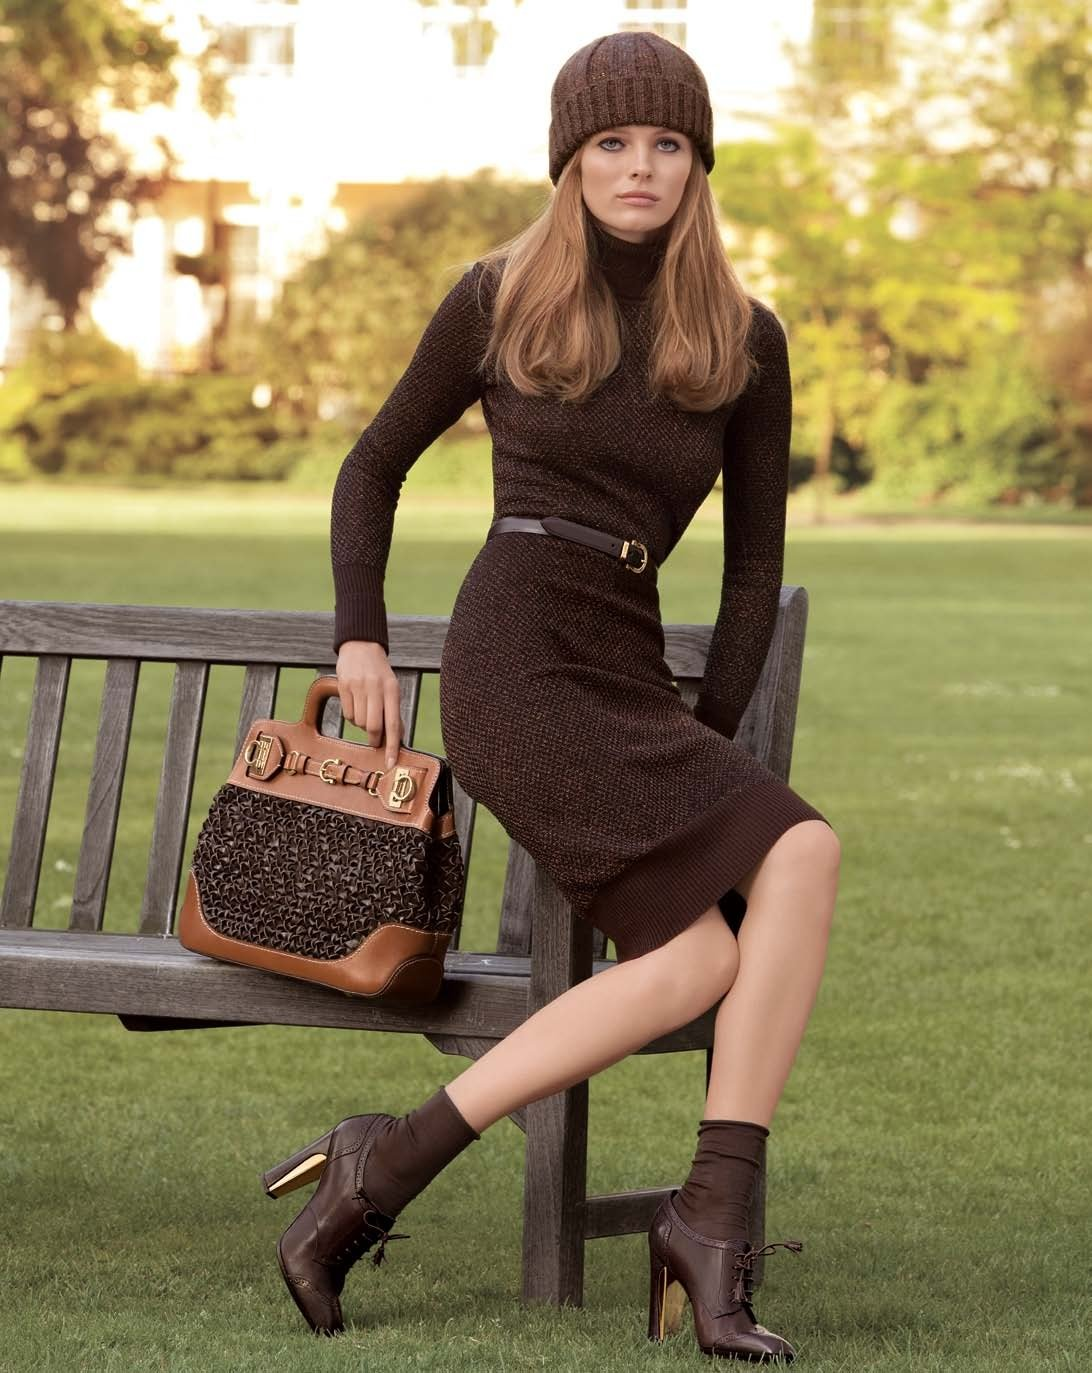 восточного побережья, модный коричневый оттенок в фотографии первоначальную дешевизну приходится